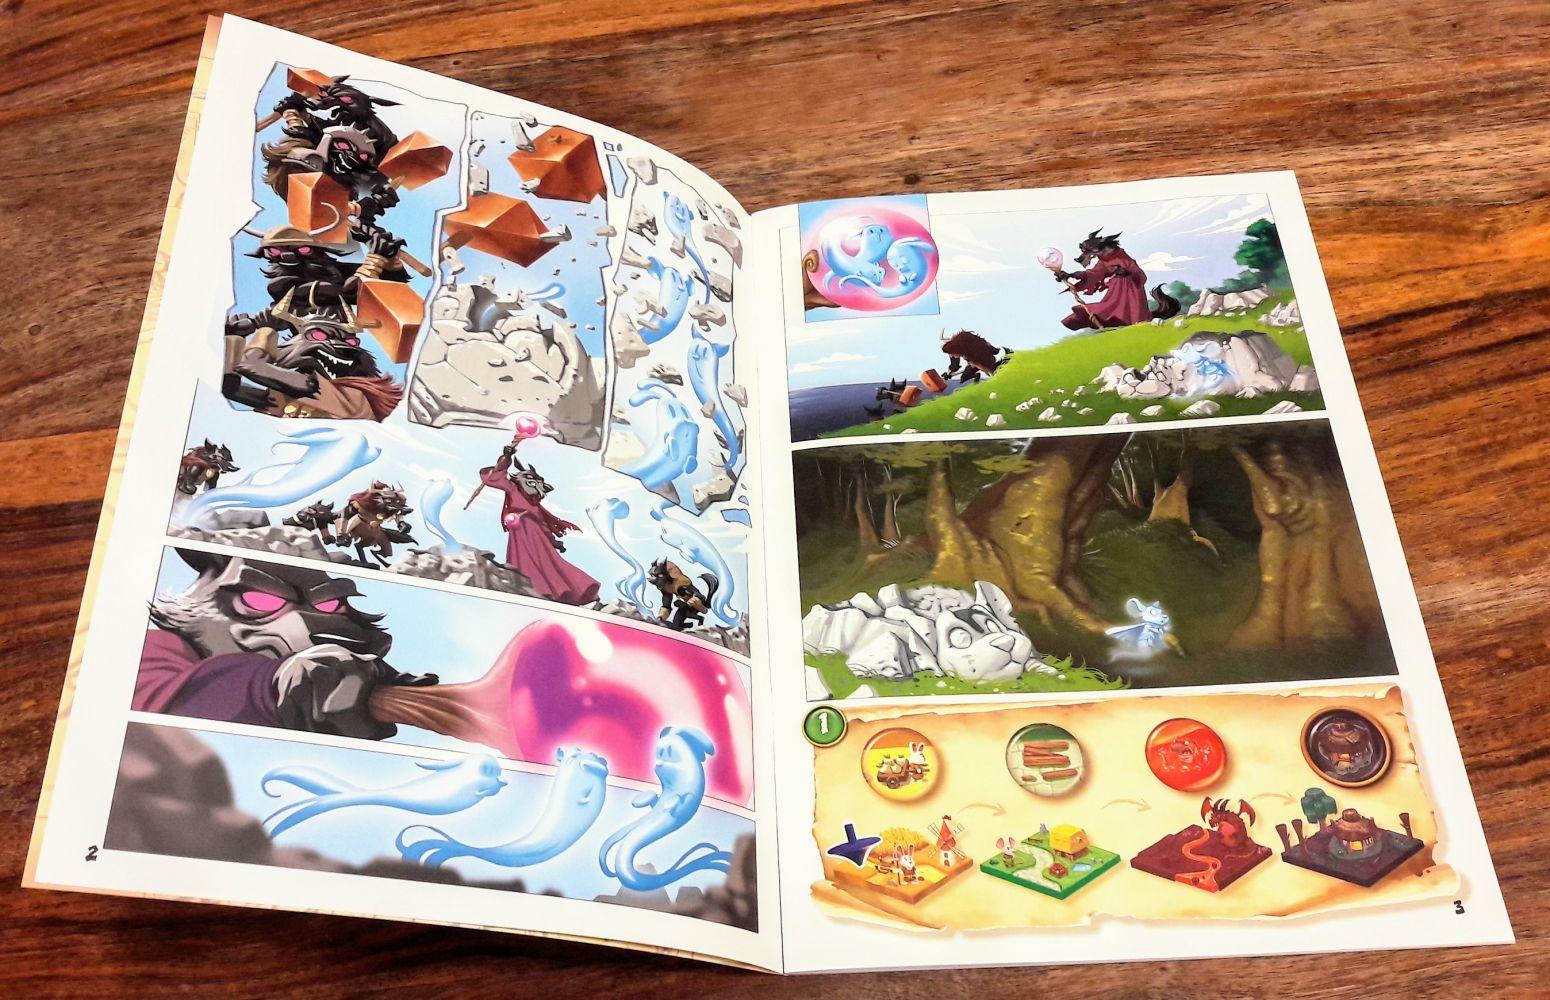 Le mode aventure propose de lire une BD donc chaque chapitre amène une nouvelle mission.